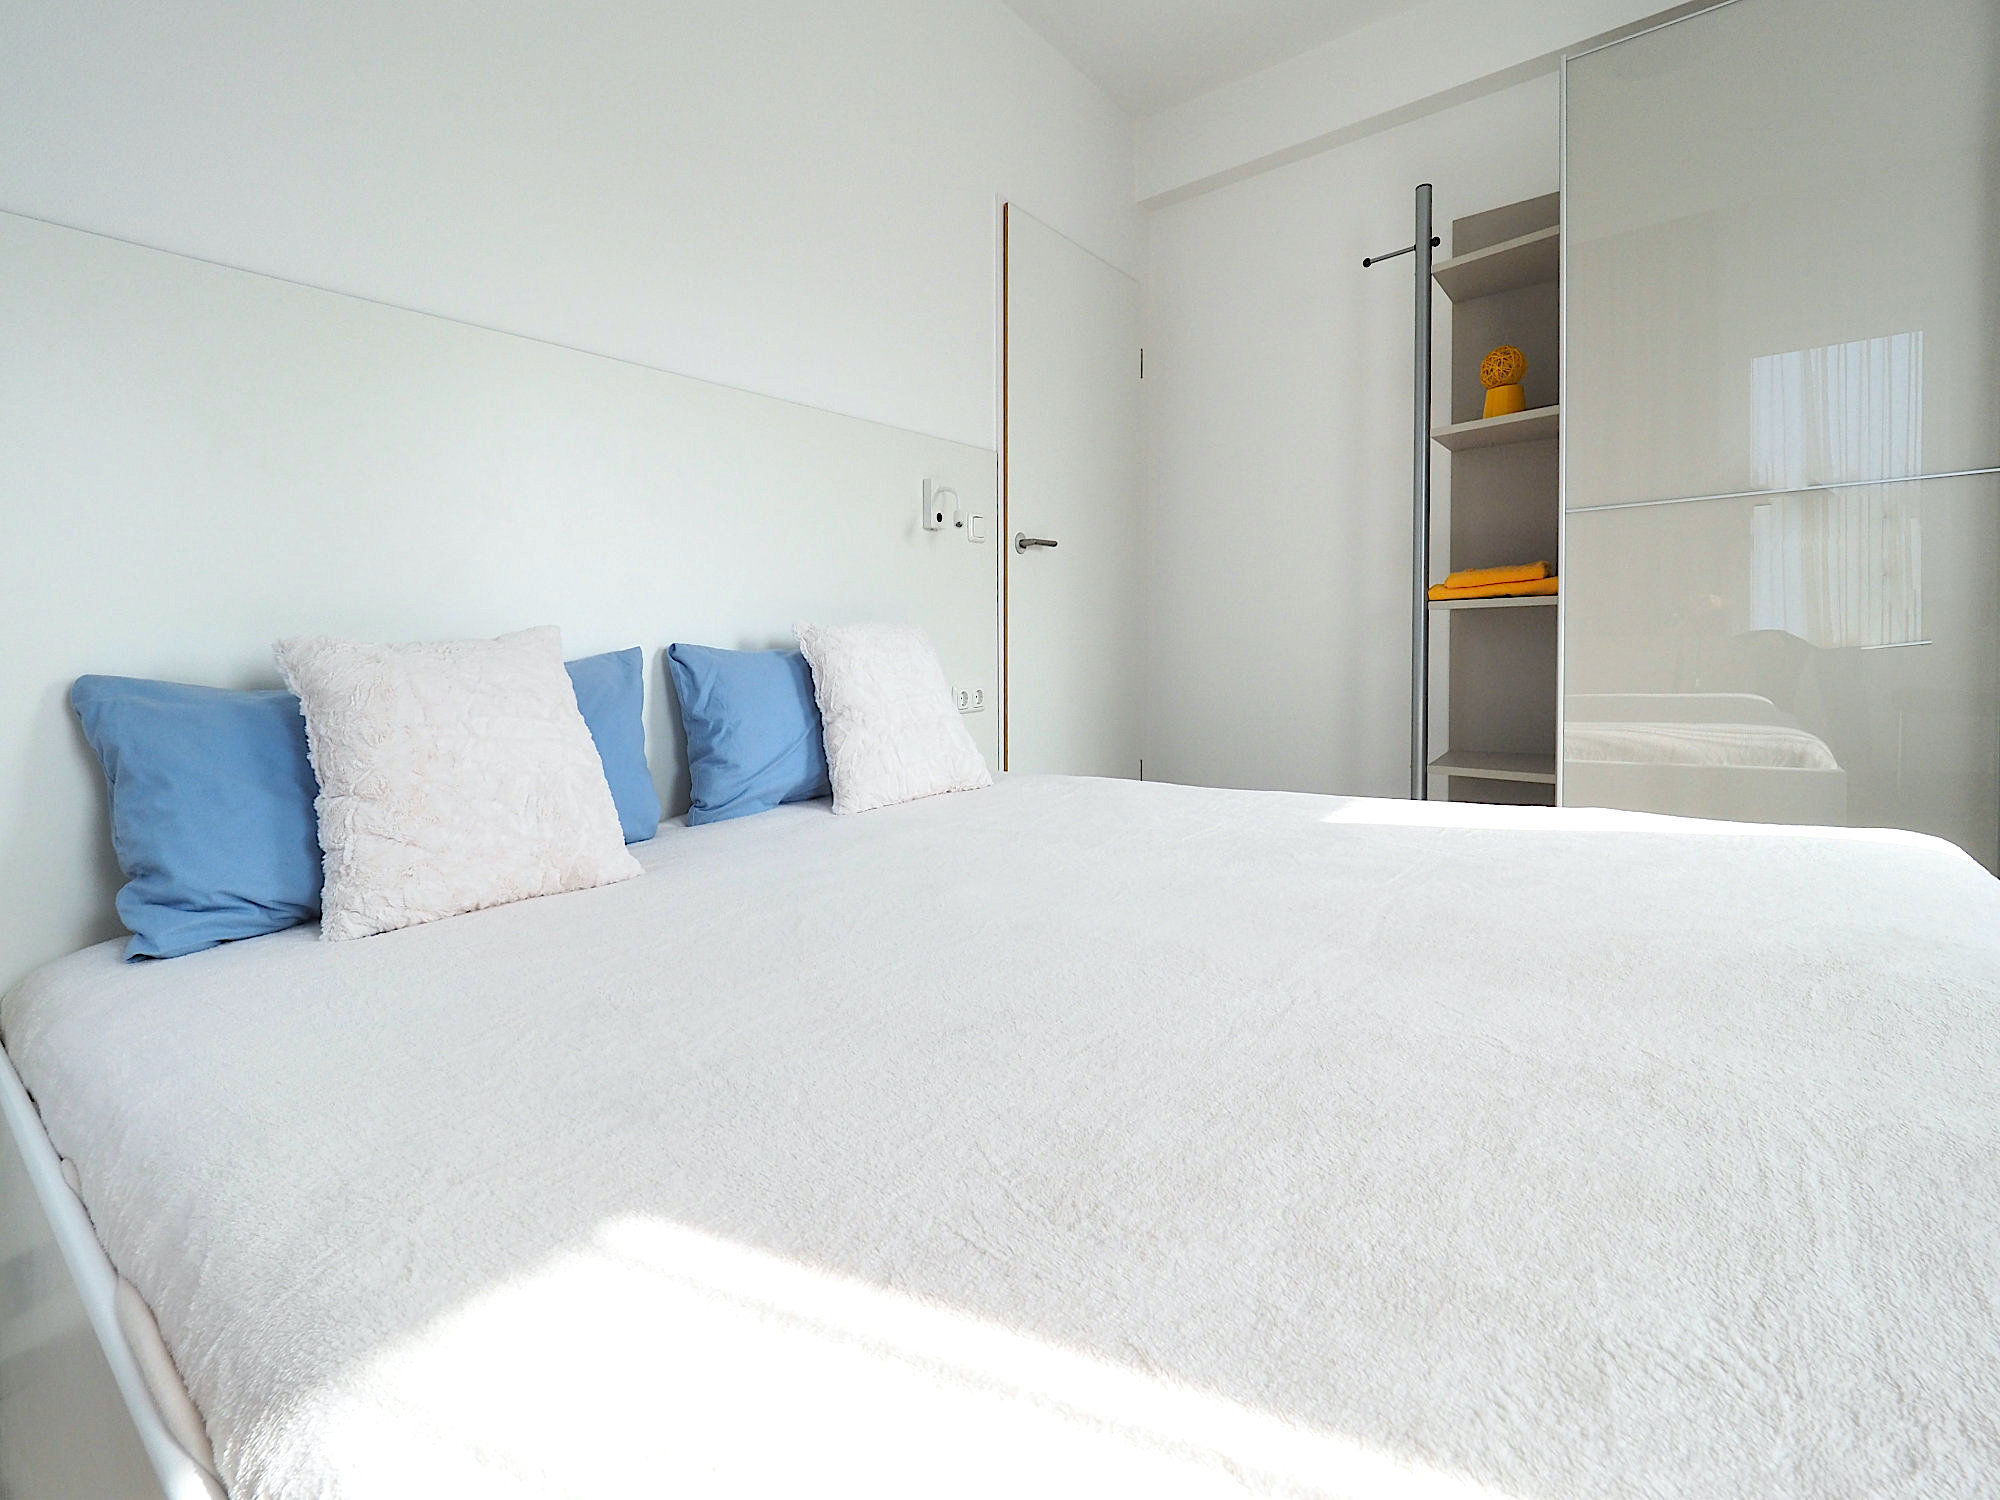 Schlafzimmer mit Doppelbett, rechts davon großer Kleiderschrank mit Regalteil